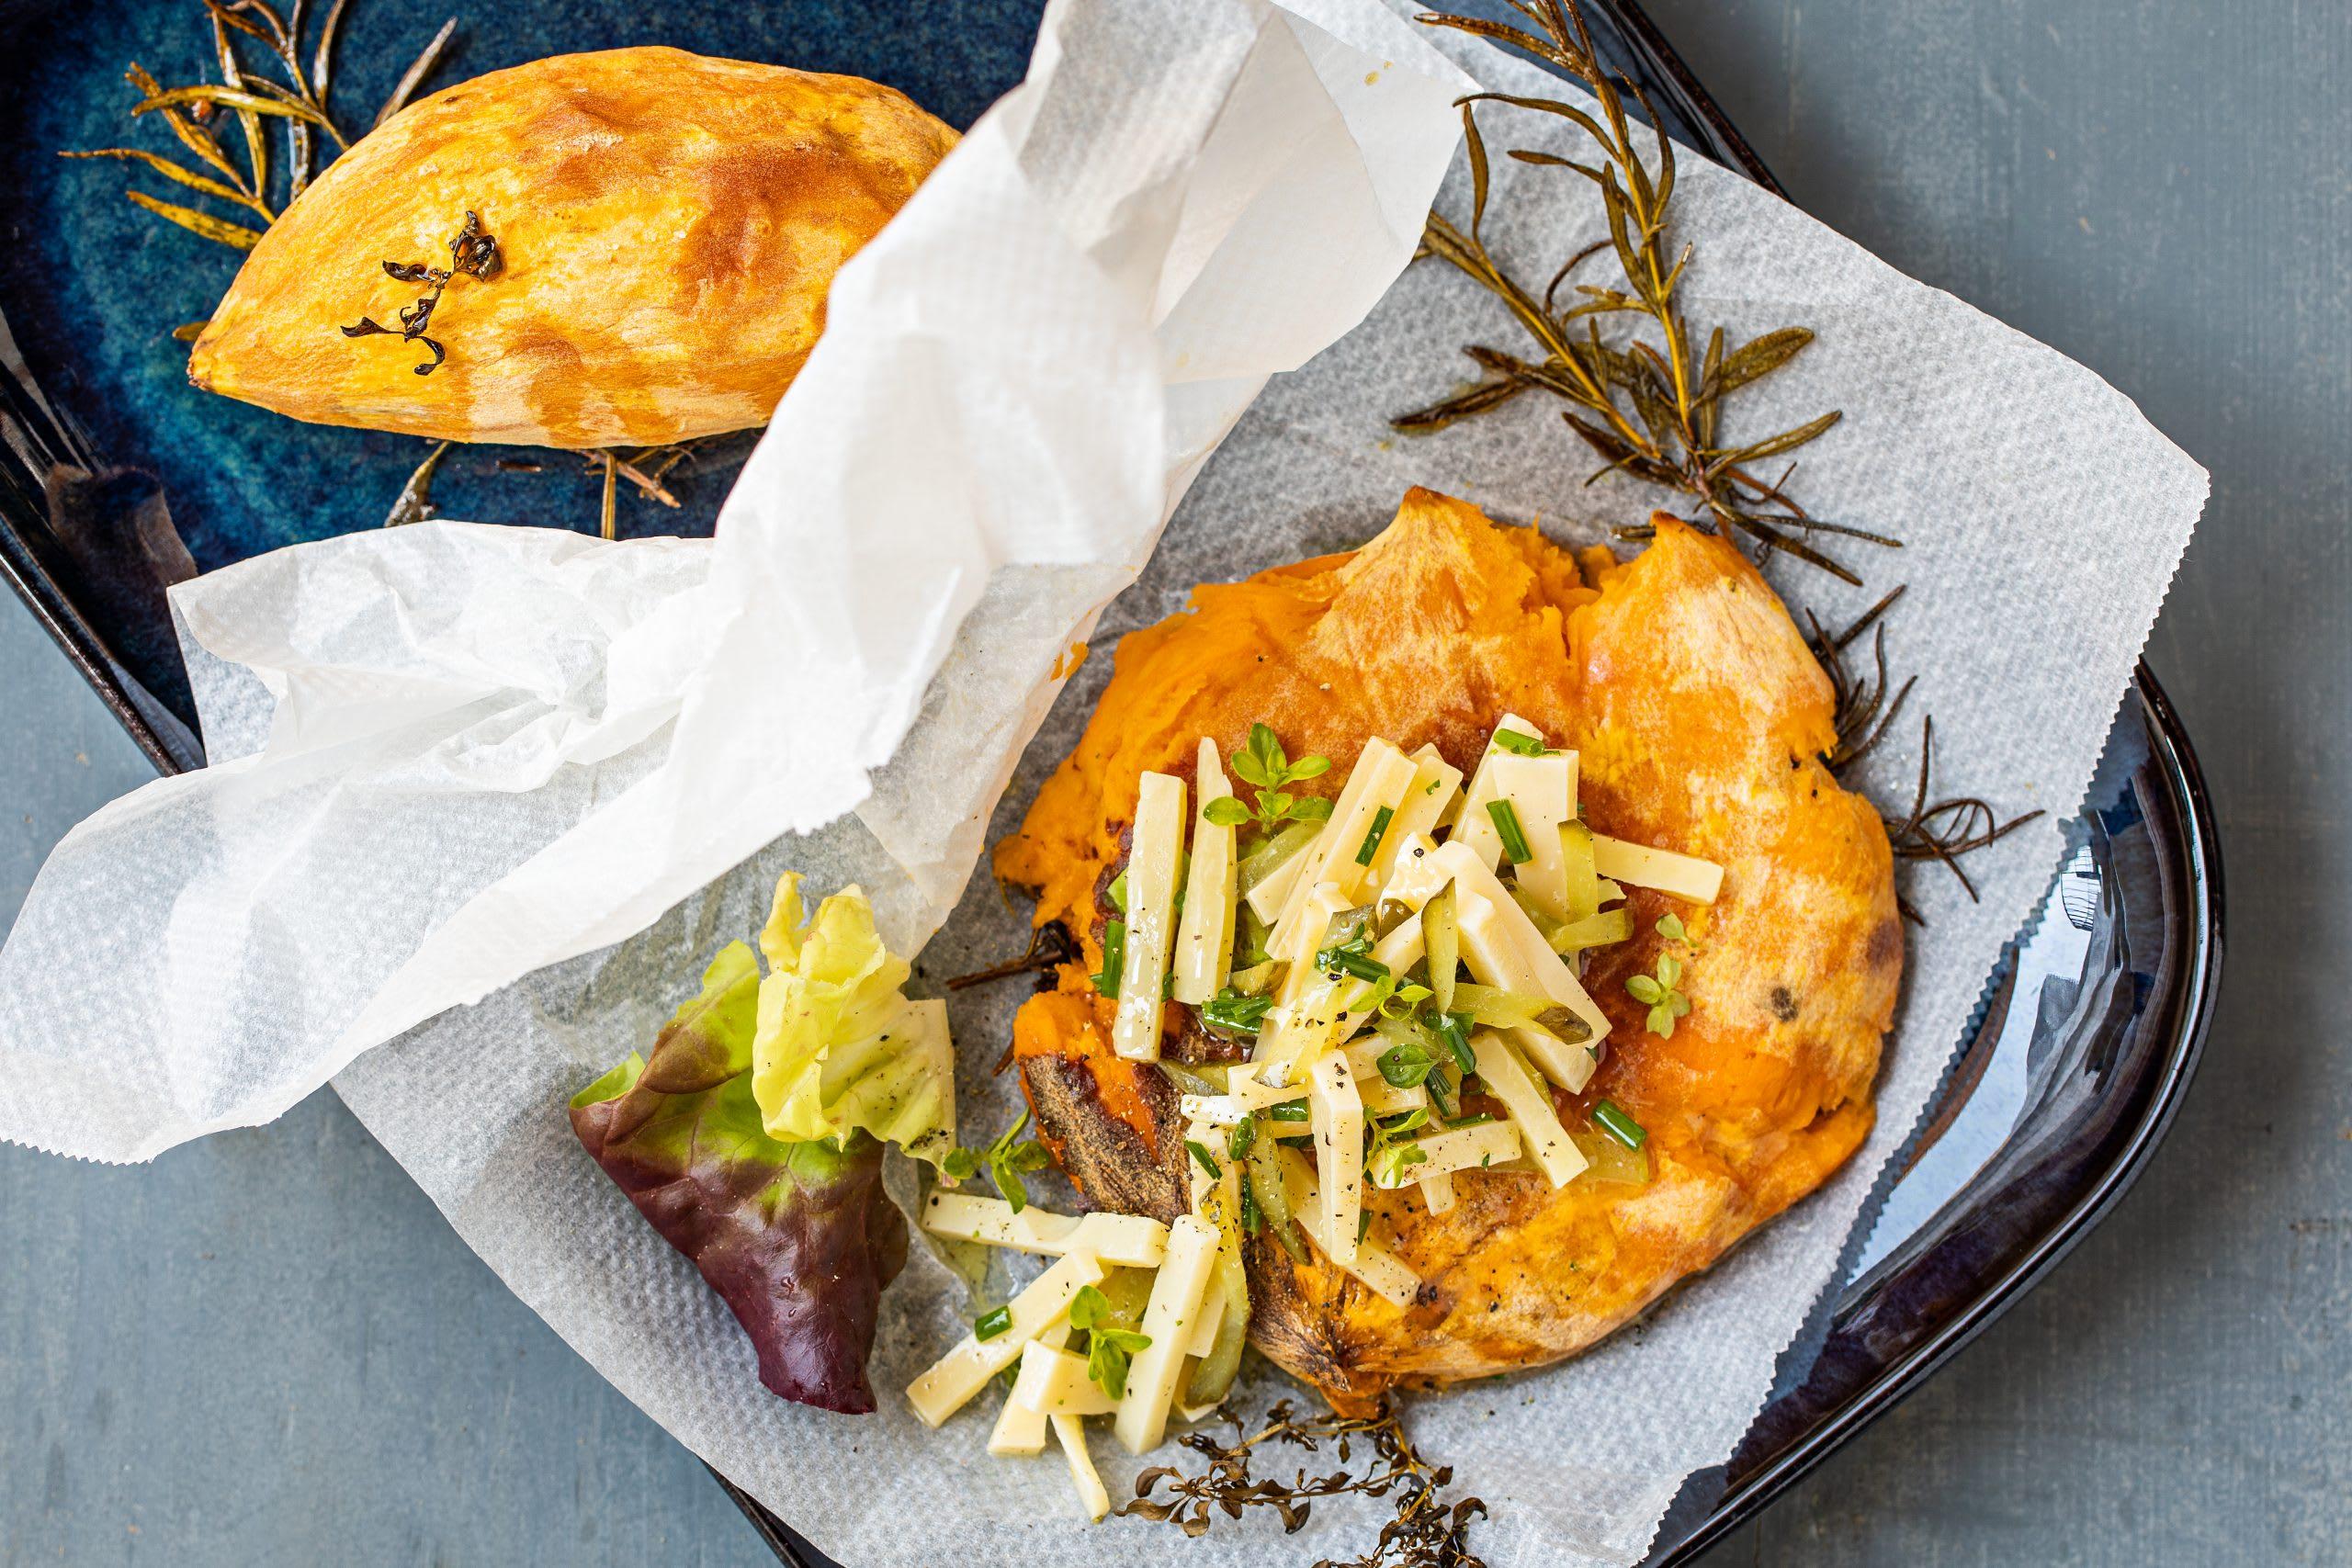 Patates douces au four et salade de fromage